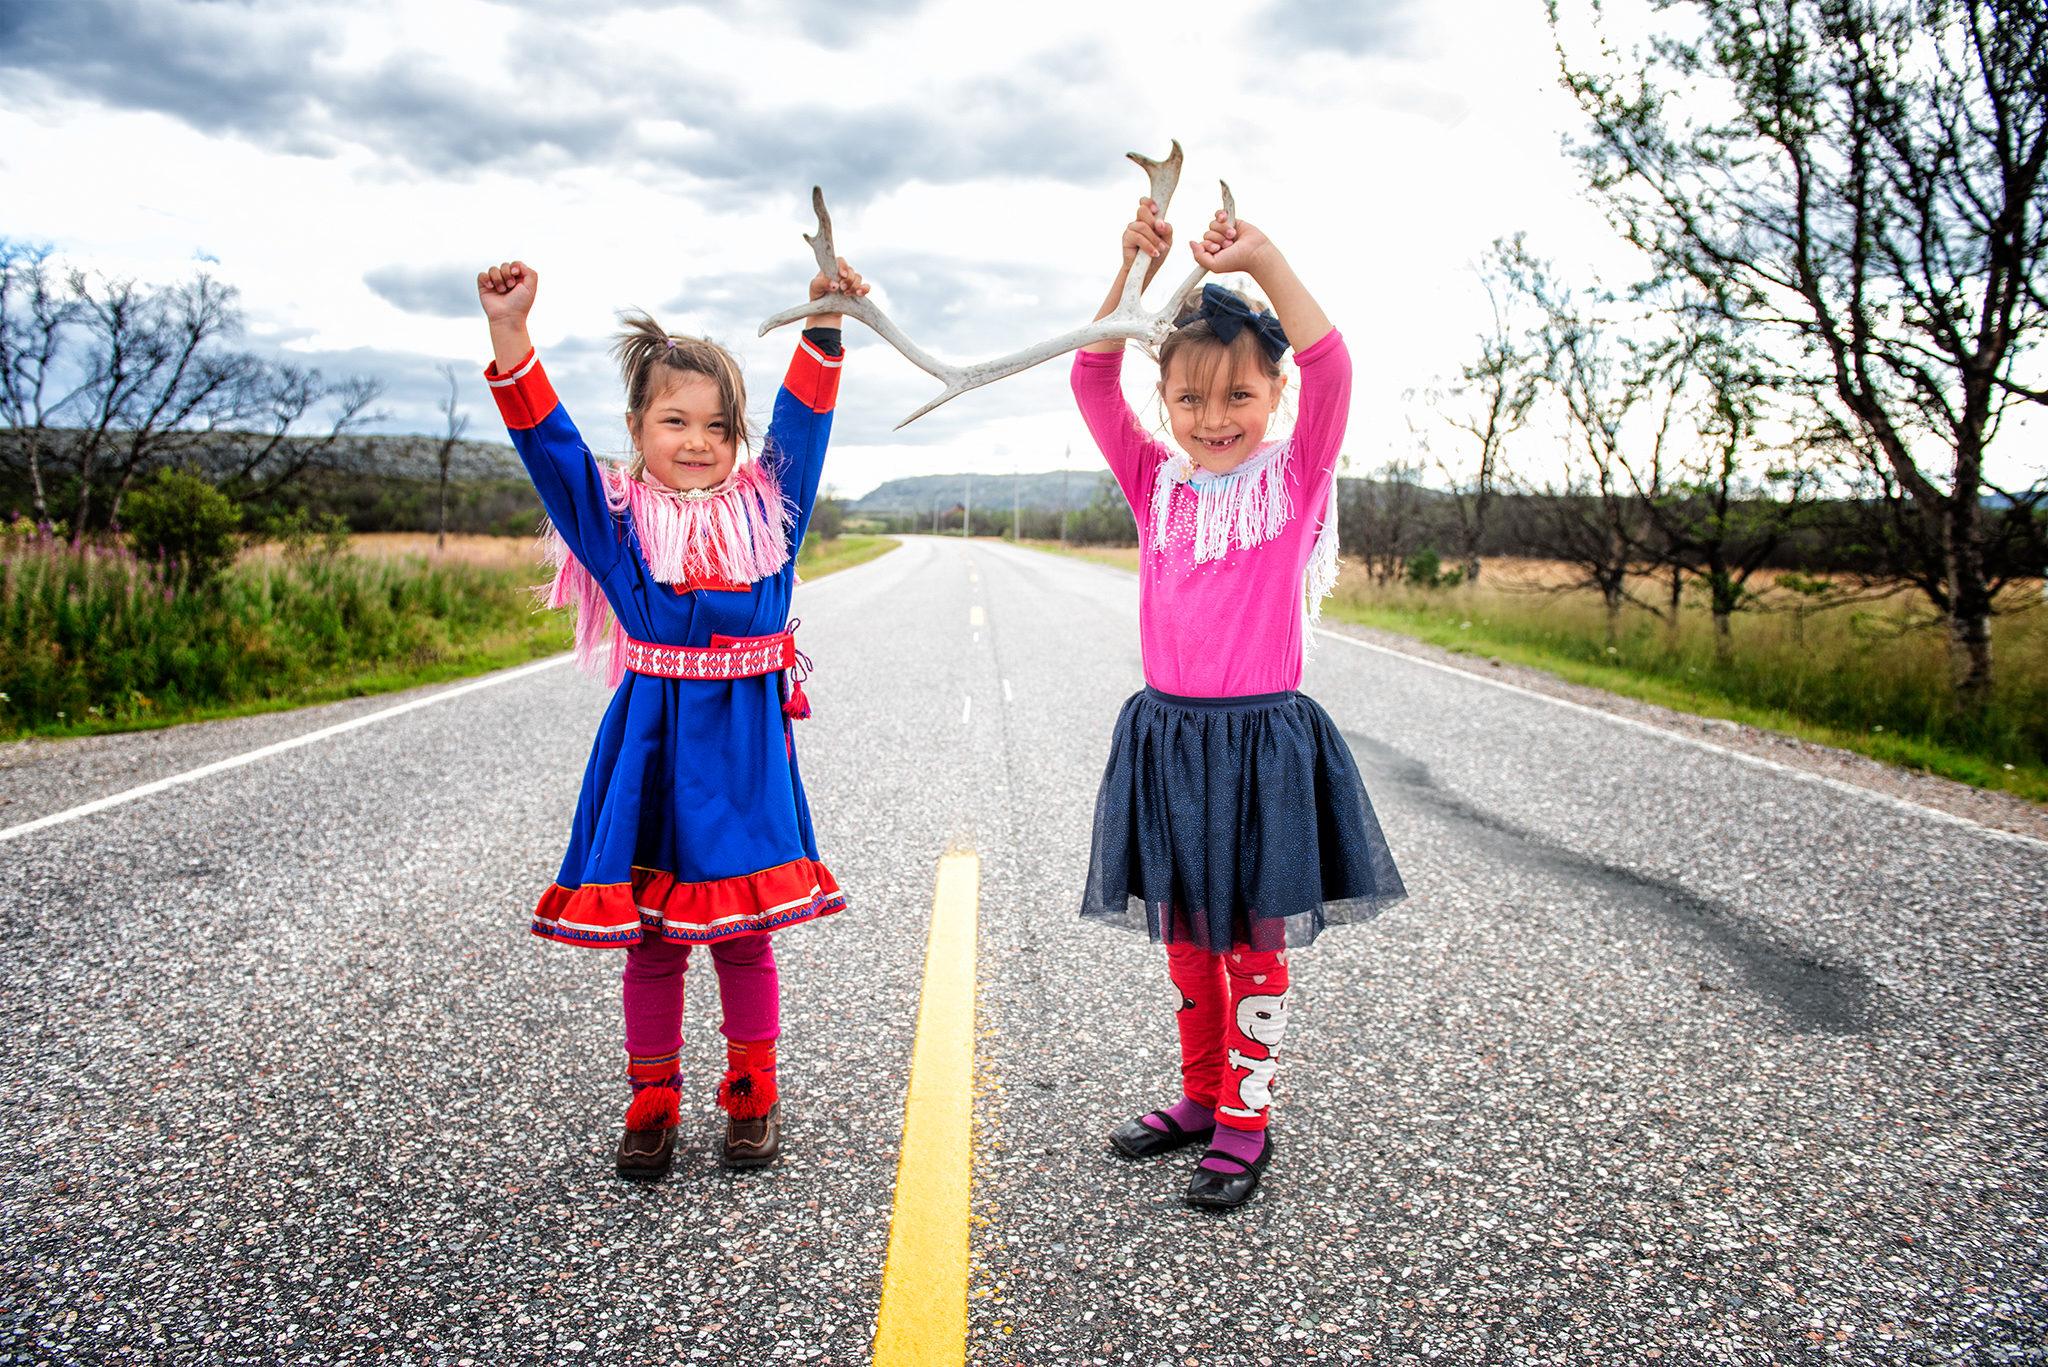 – Sykkelritt og samisk kultur bør jo henge sammen